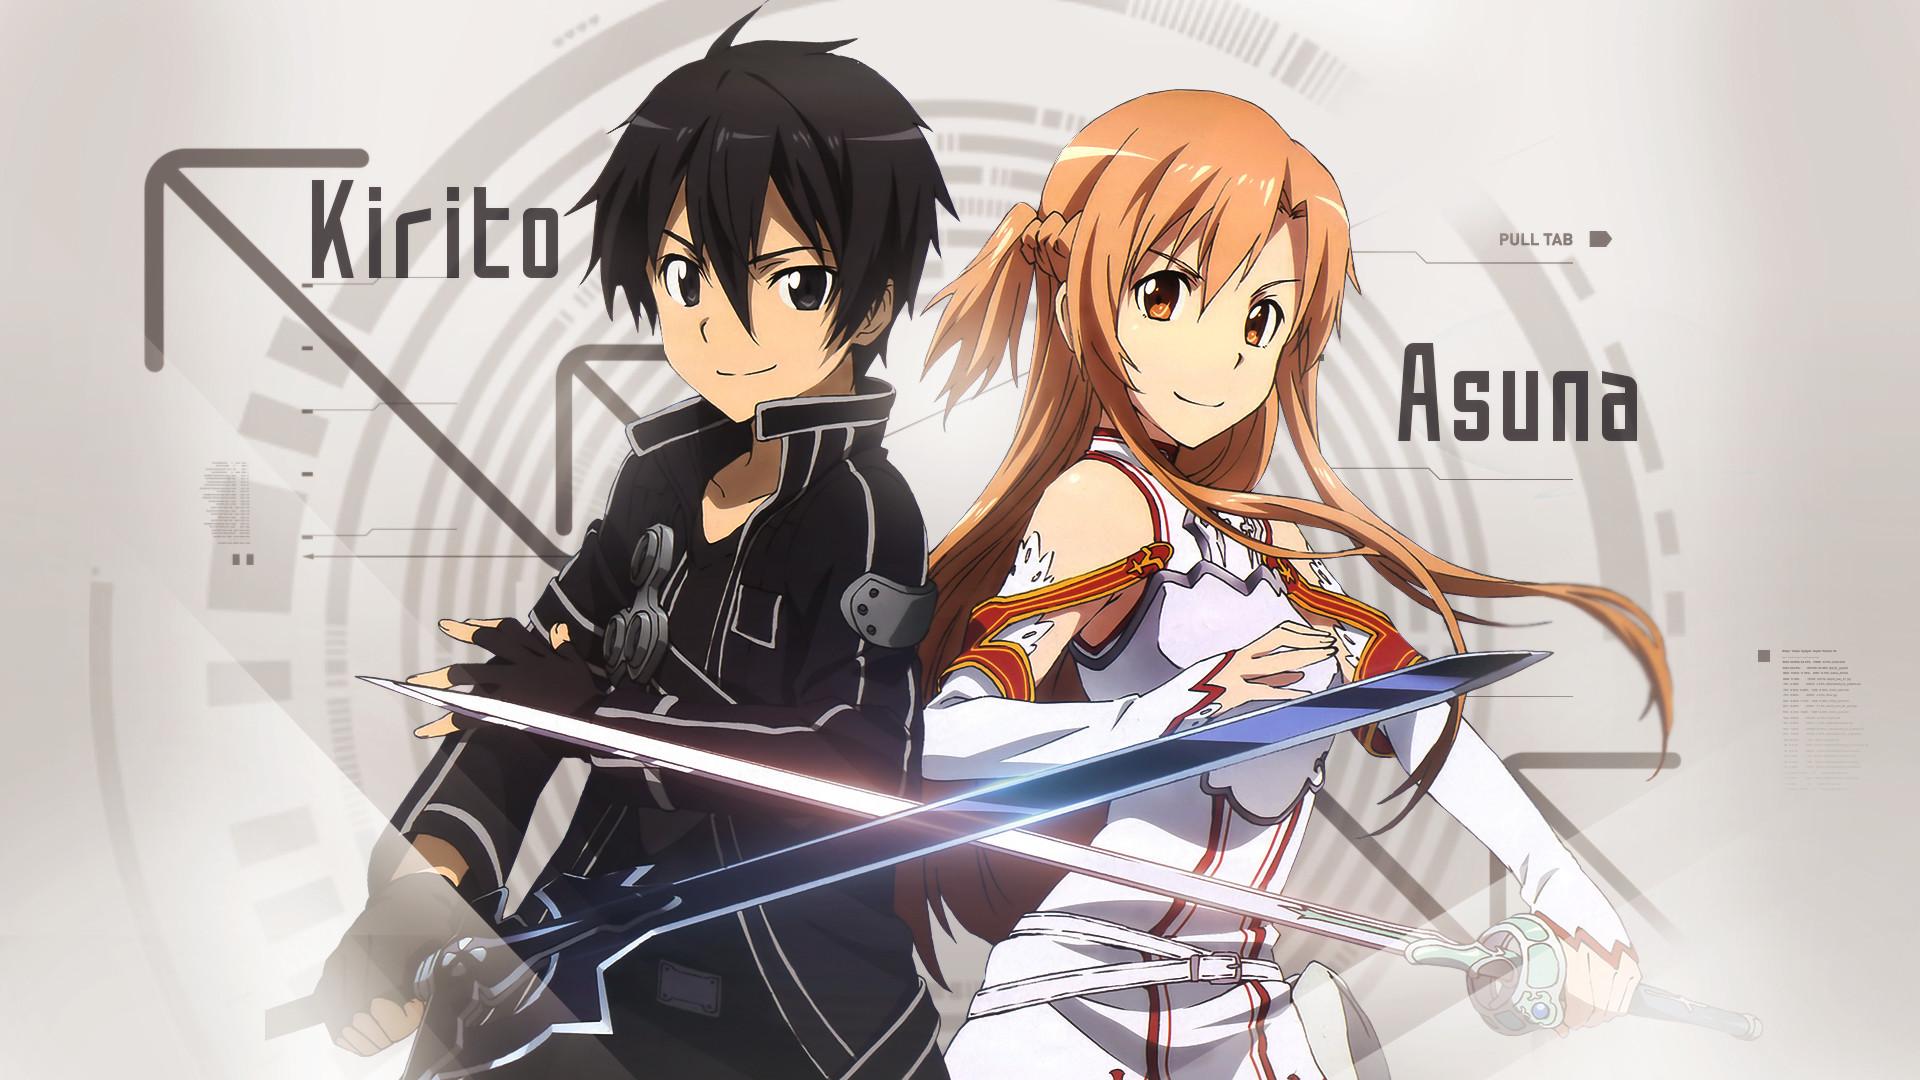 Sword Art Online Asuna Wallpaper 82 Images